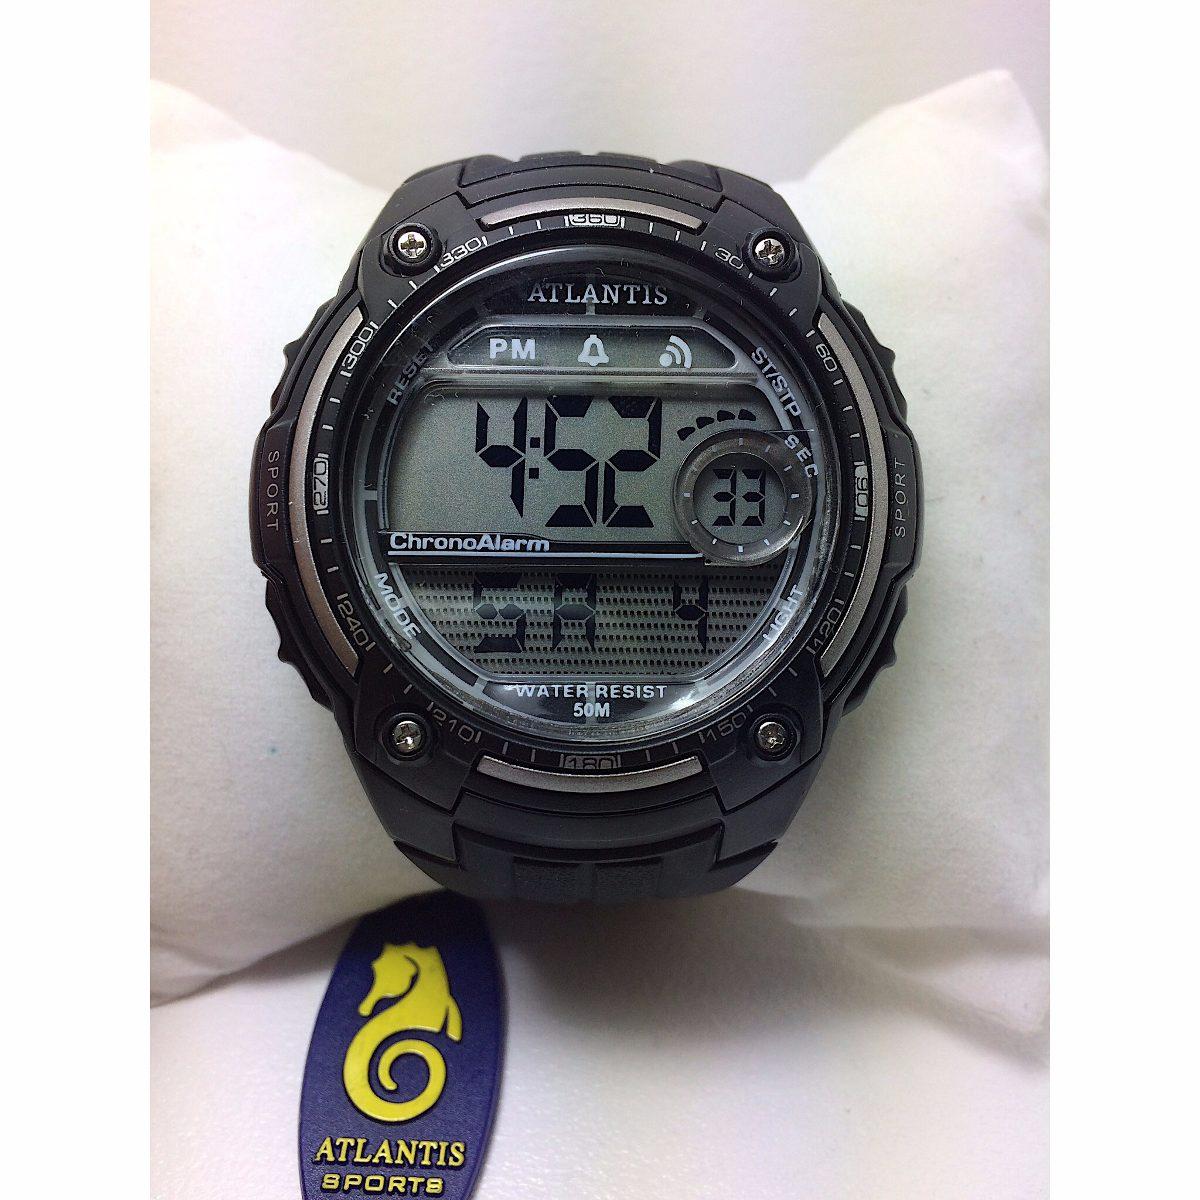 74b59678edb relogio atlantis digital natação sport prova d agua g7408. Carregando zoom.